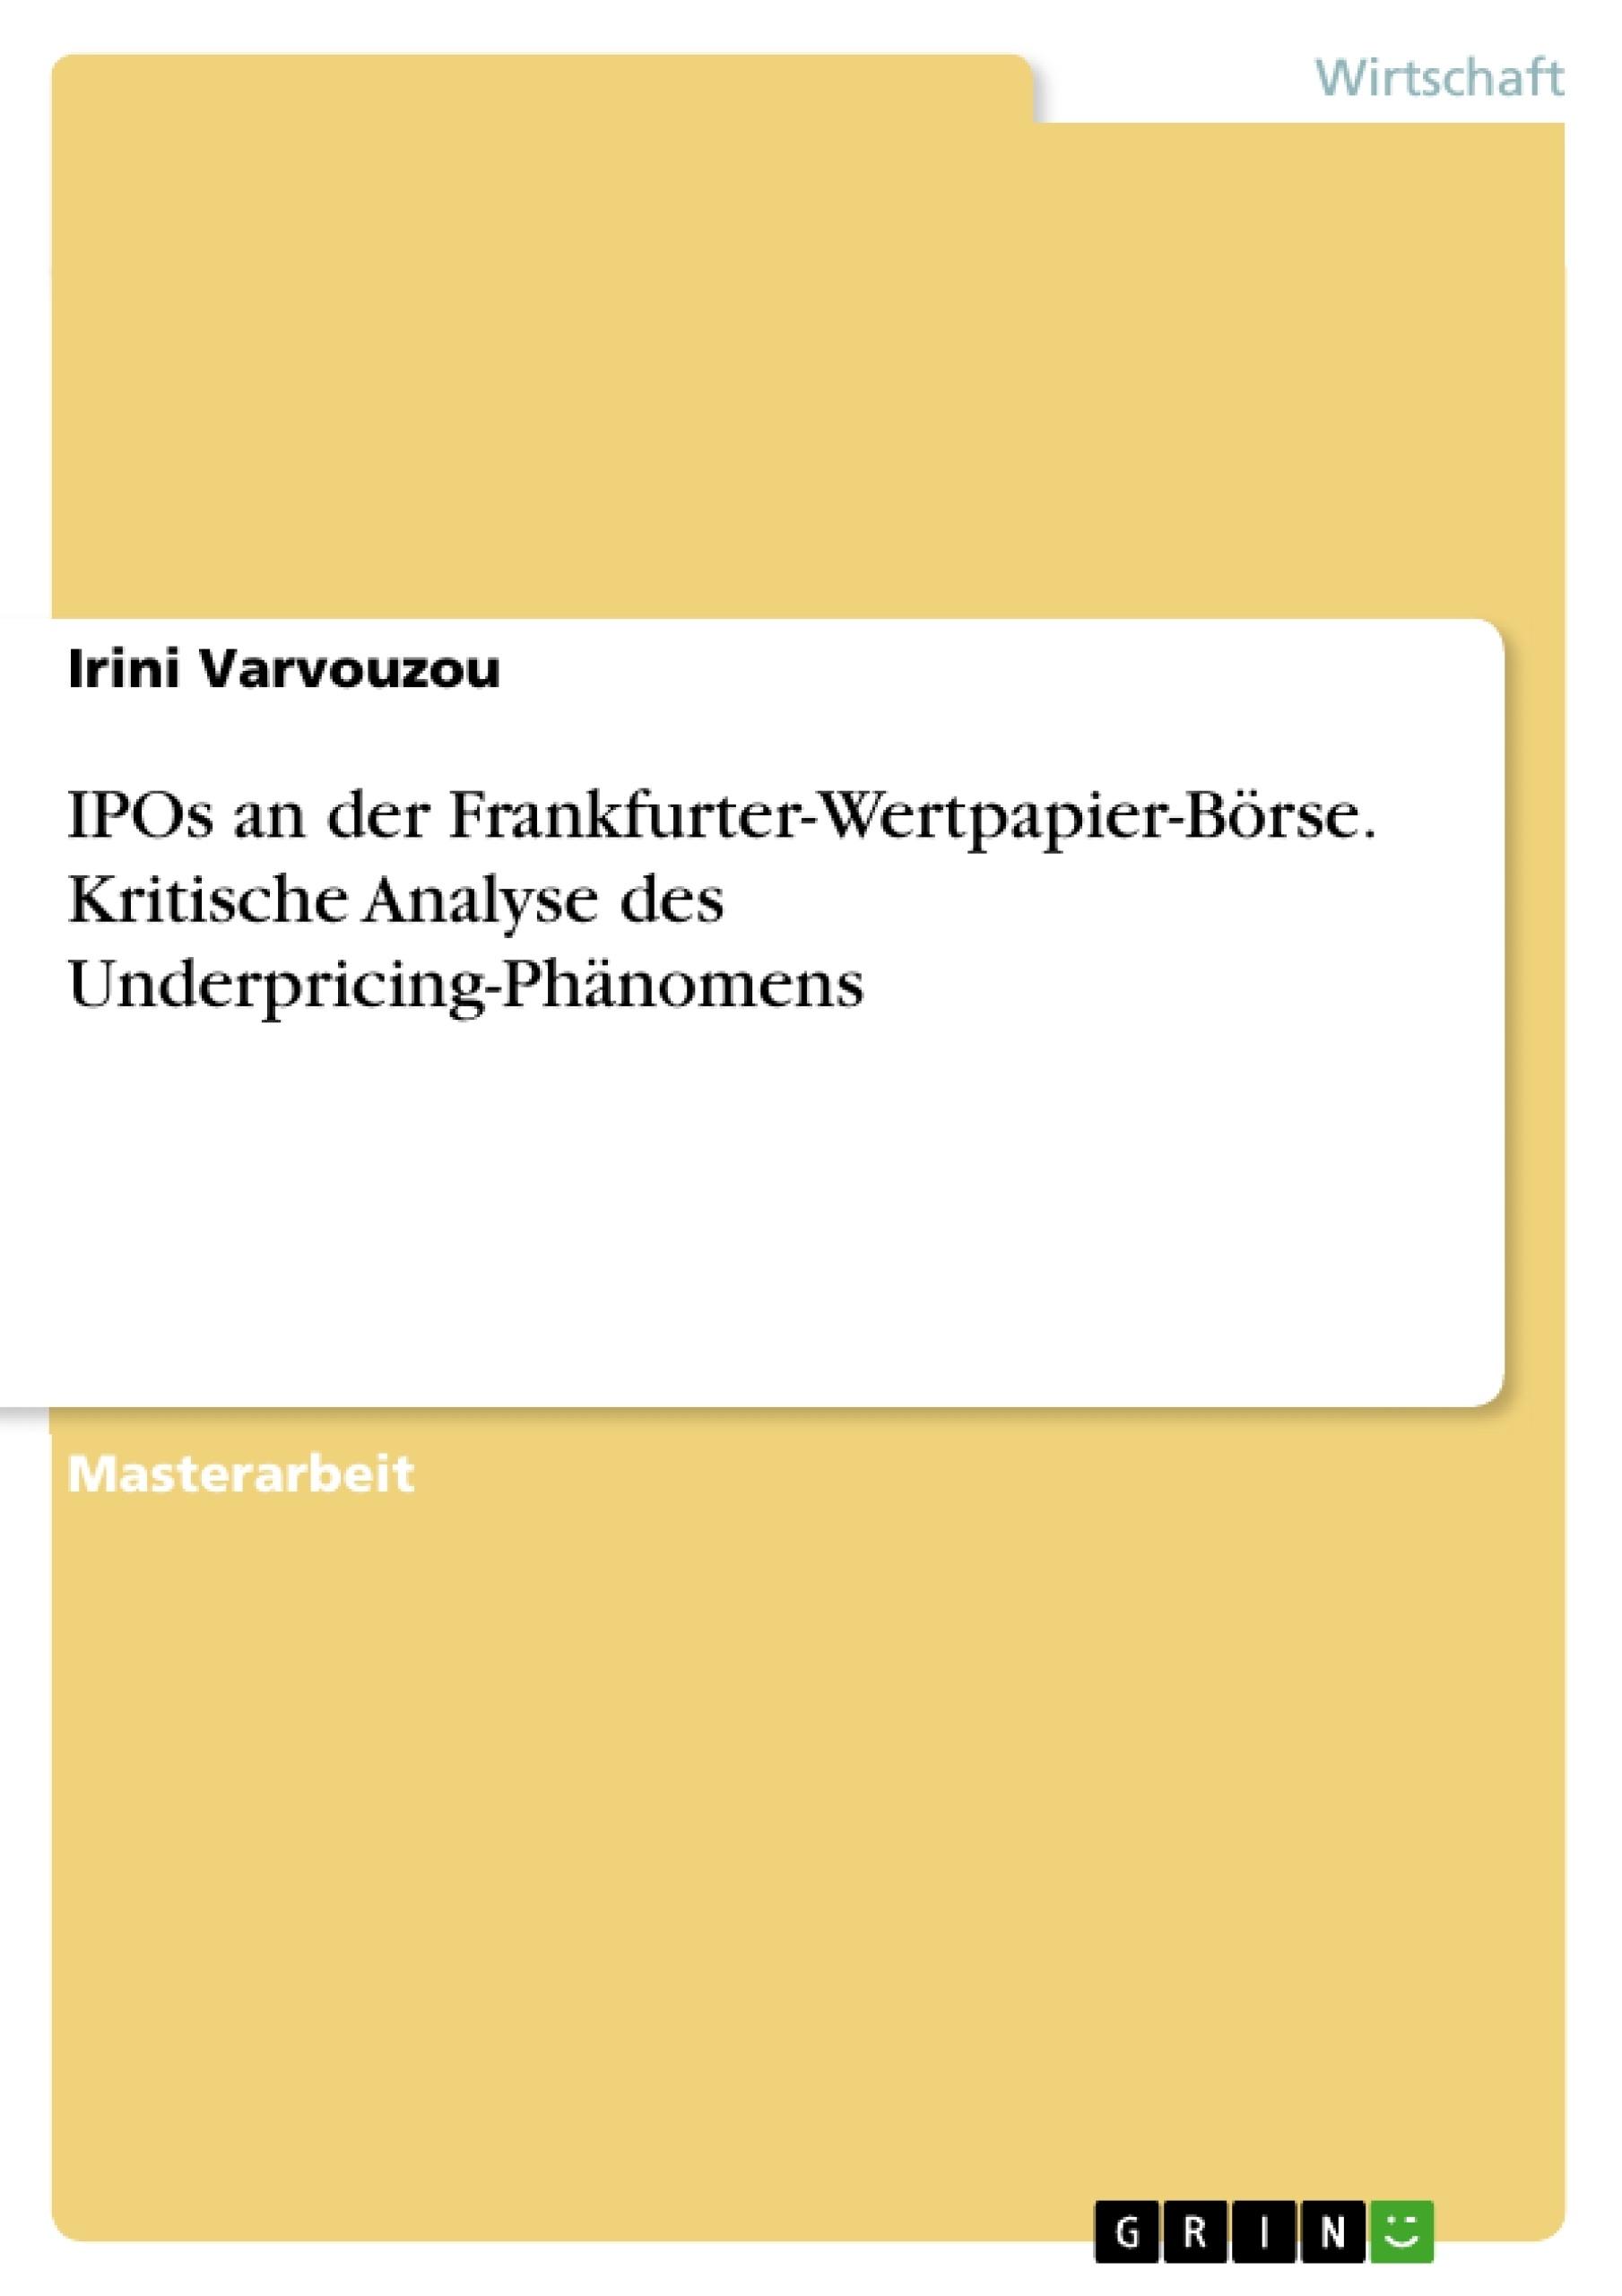 Titel: IPOs an der Frankfurter-Wertpapier-Börse. Kritische Analyse des Underpricing-Phänomens